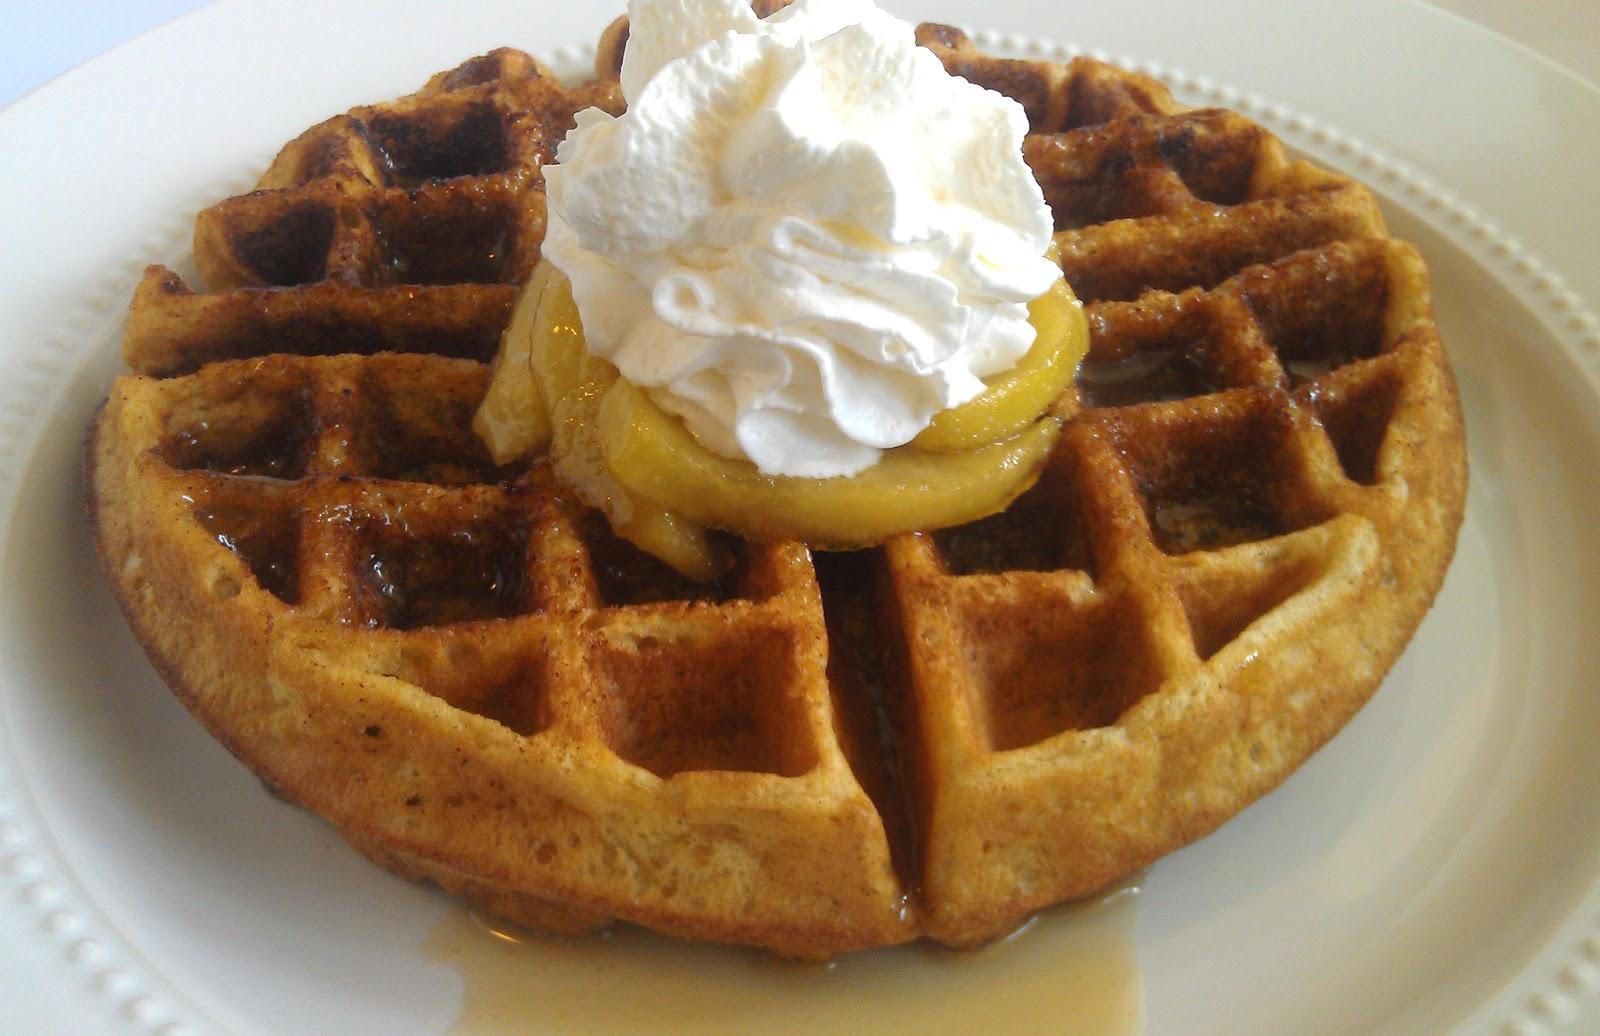 ... waffles cinnamon roll waffles with bacon apple frosting cinnamon sugar